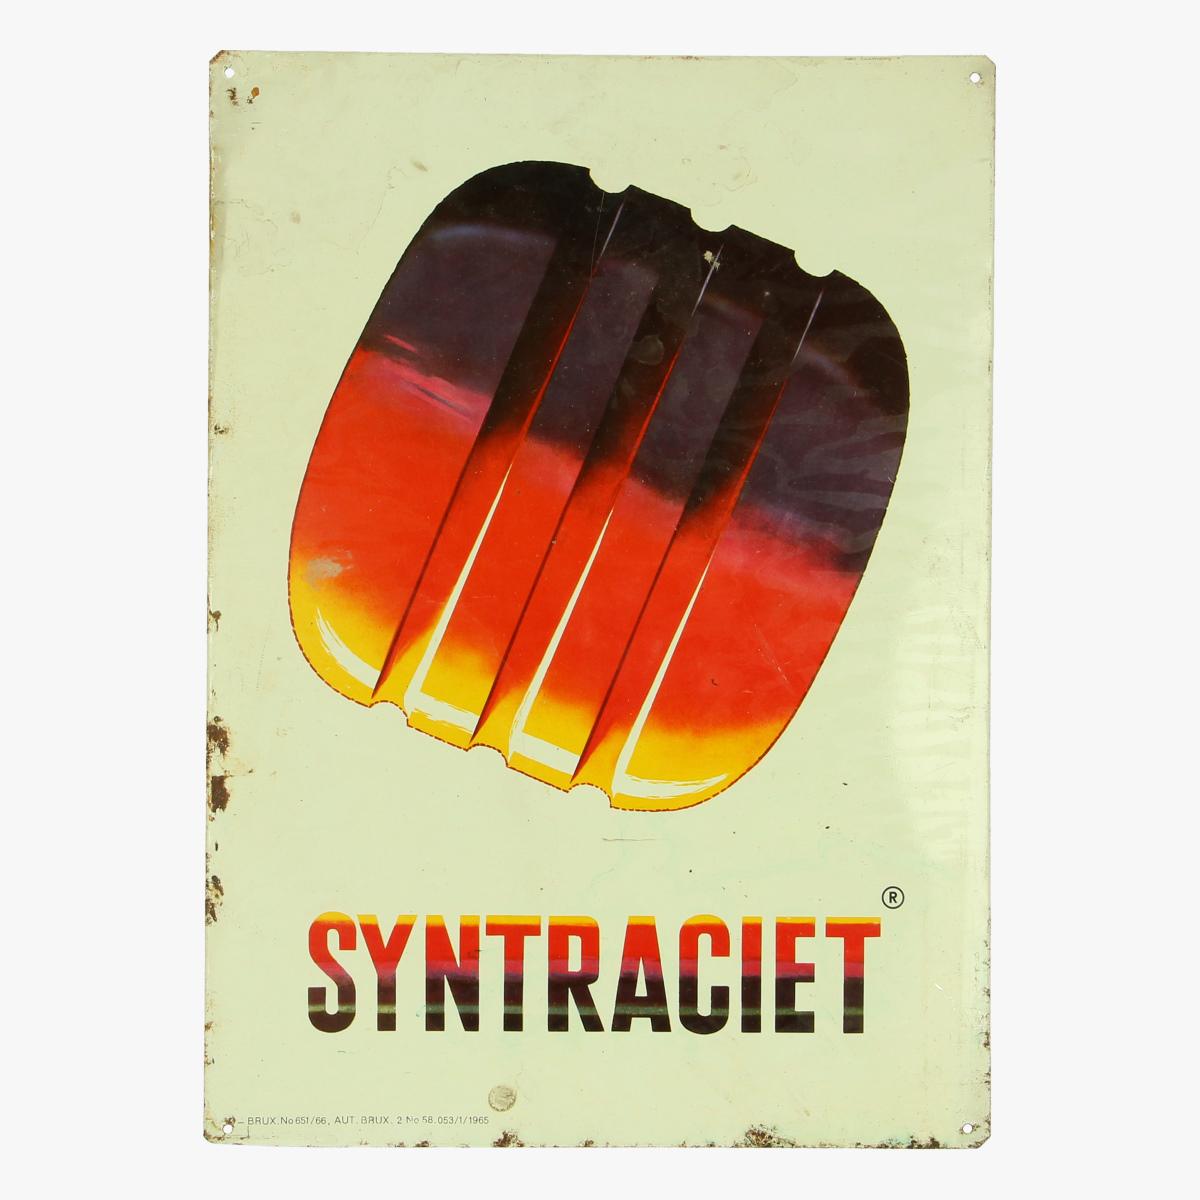 Afbeeldingen van blikken reclame bordje syntraciet BRUX.No651/66 , 1965